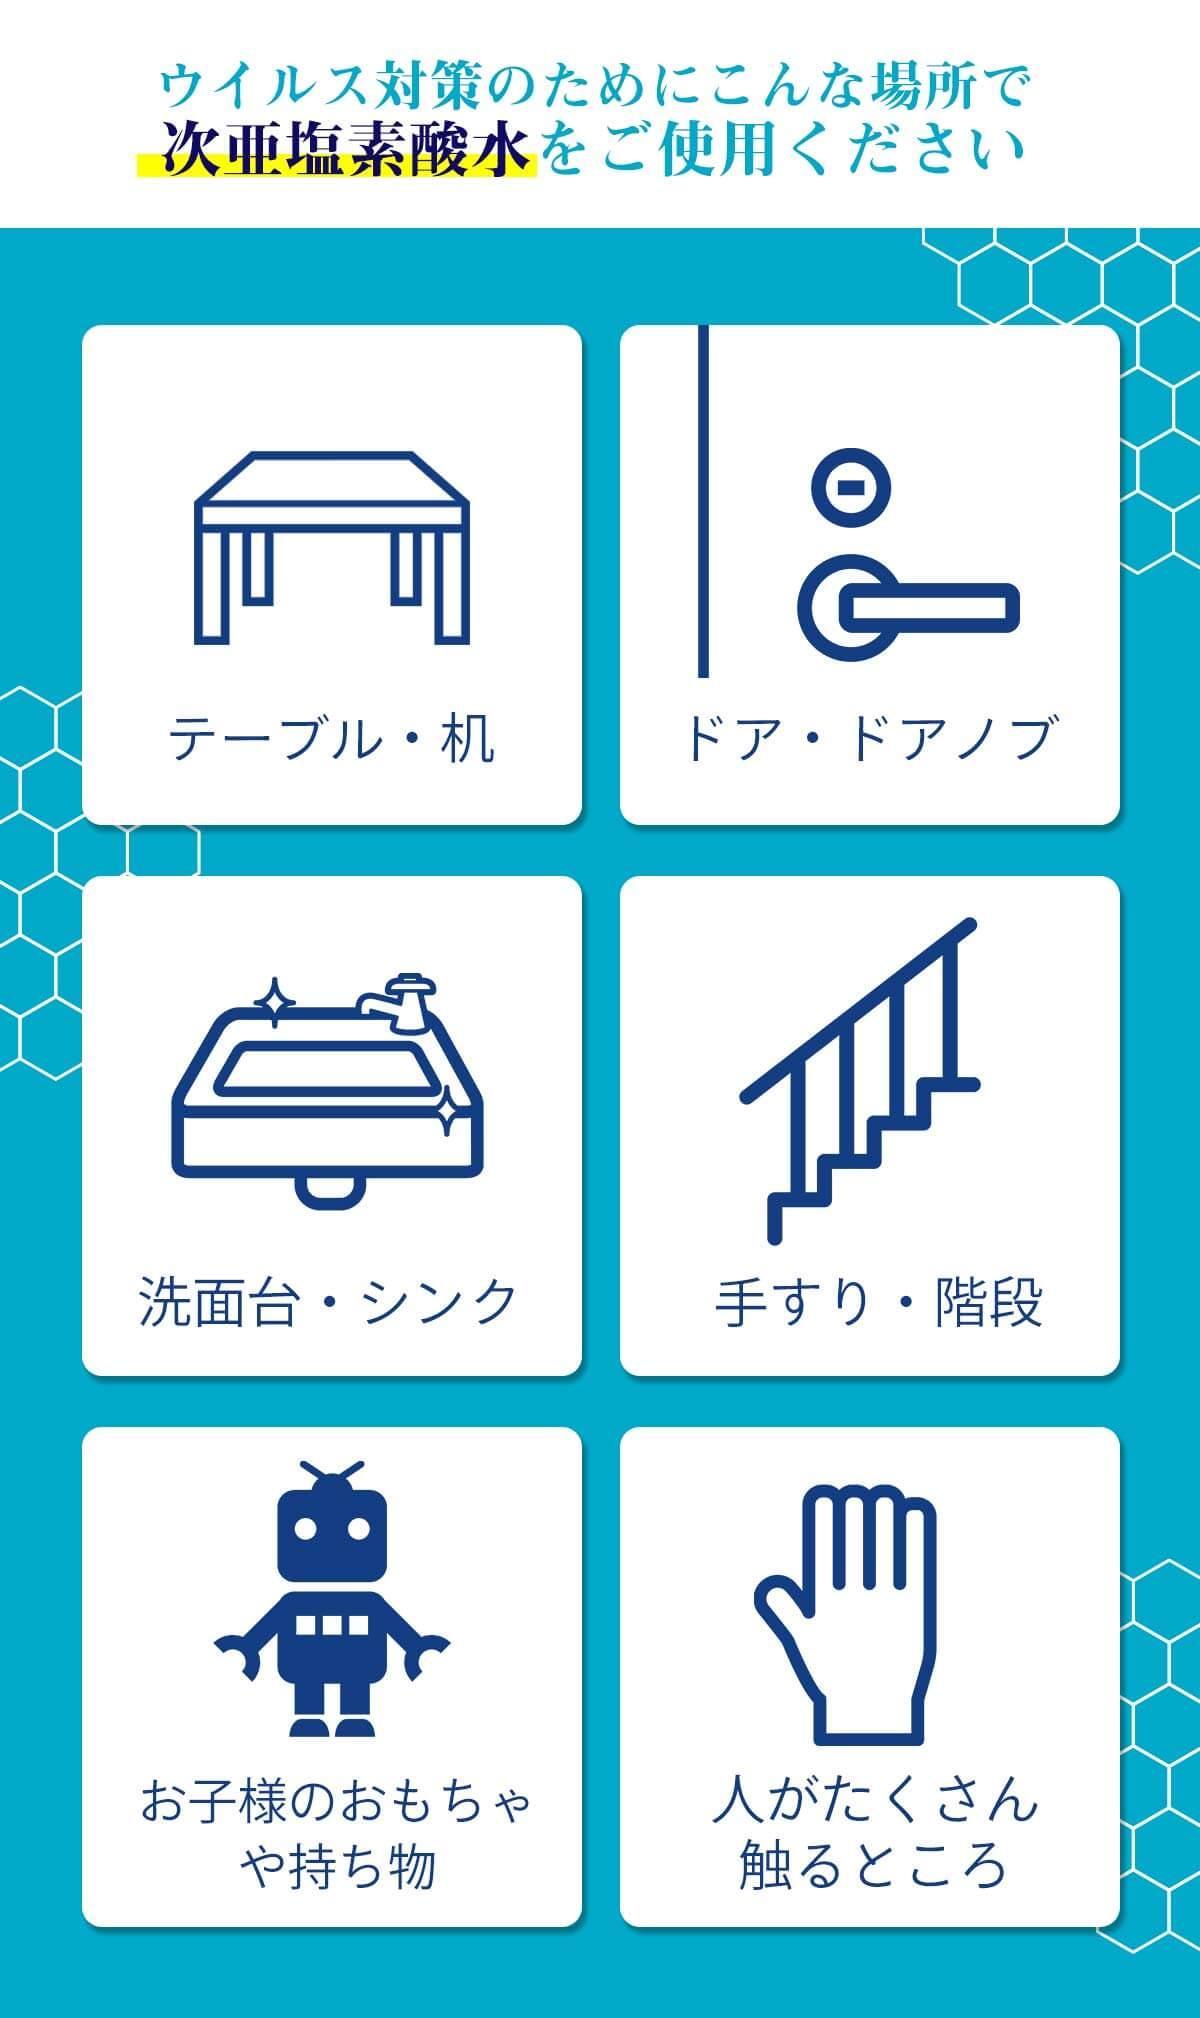 ウイルス対策のためにこんな場所で 次亜塩素酸水をご使用ください テーブル、手すり、トイレ、洗面台、シンク、子どもの持ち物、ドアノブ